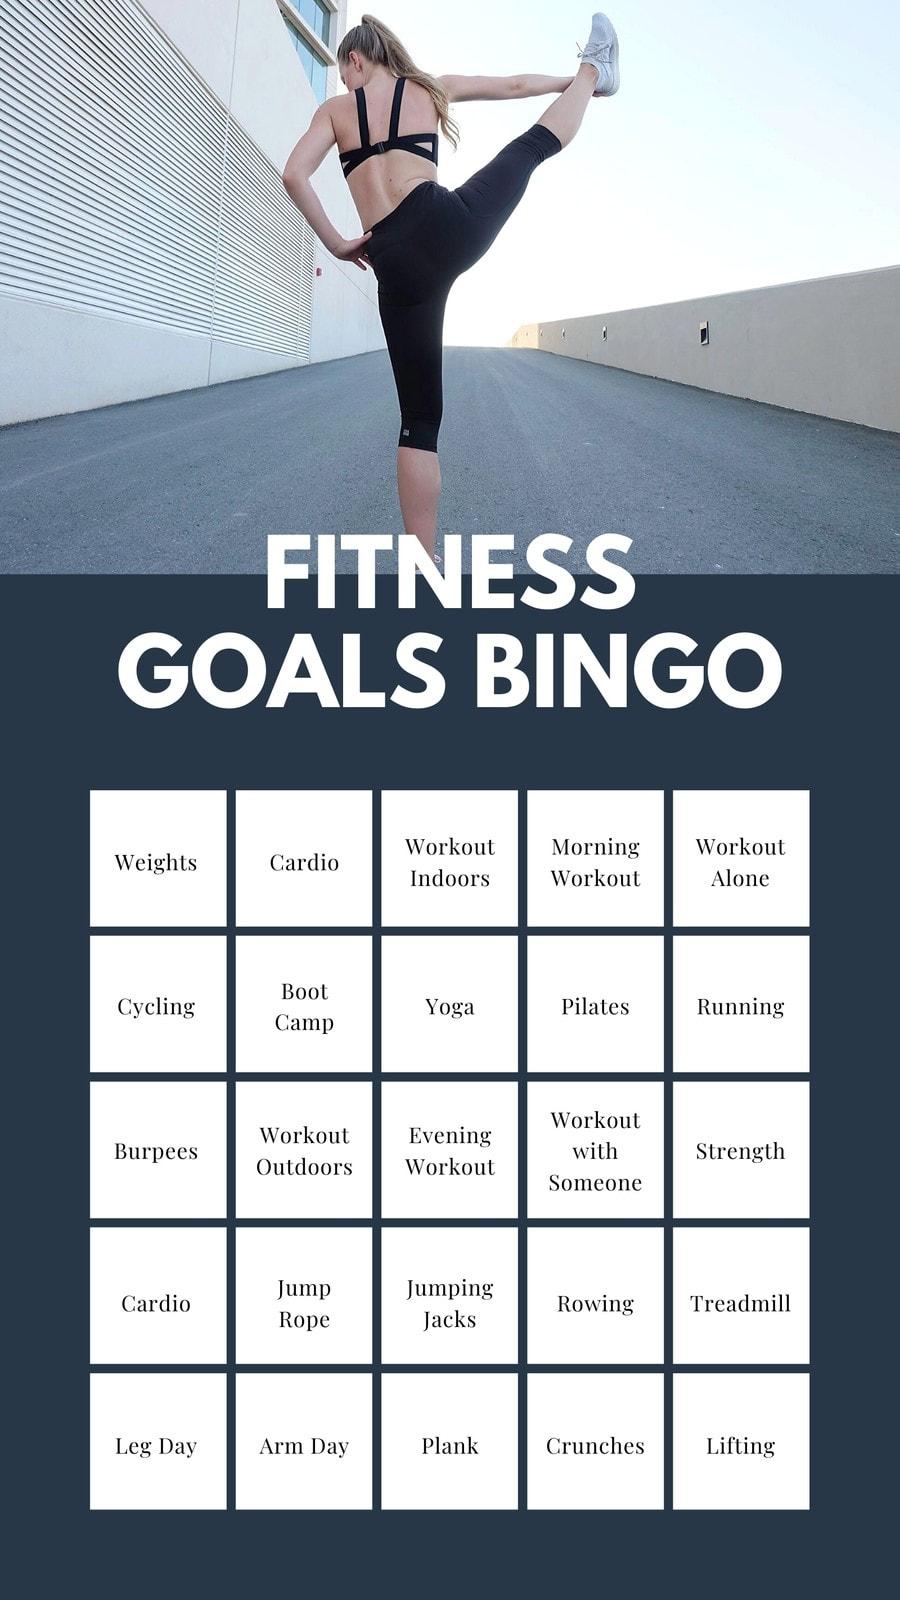 Gray Fitness Goals Bingo Interactive Instagram Story